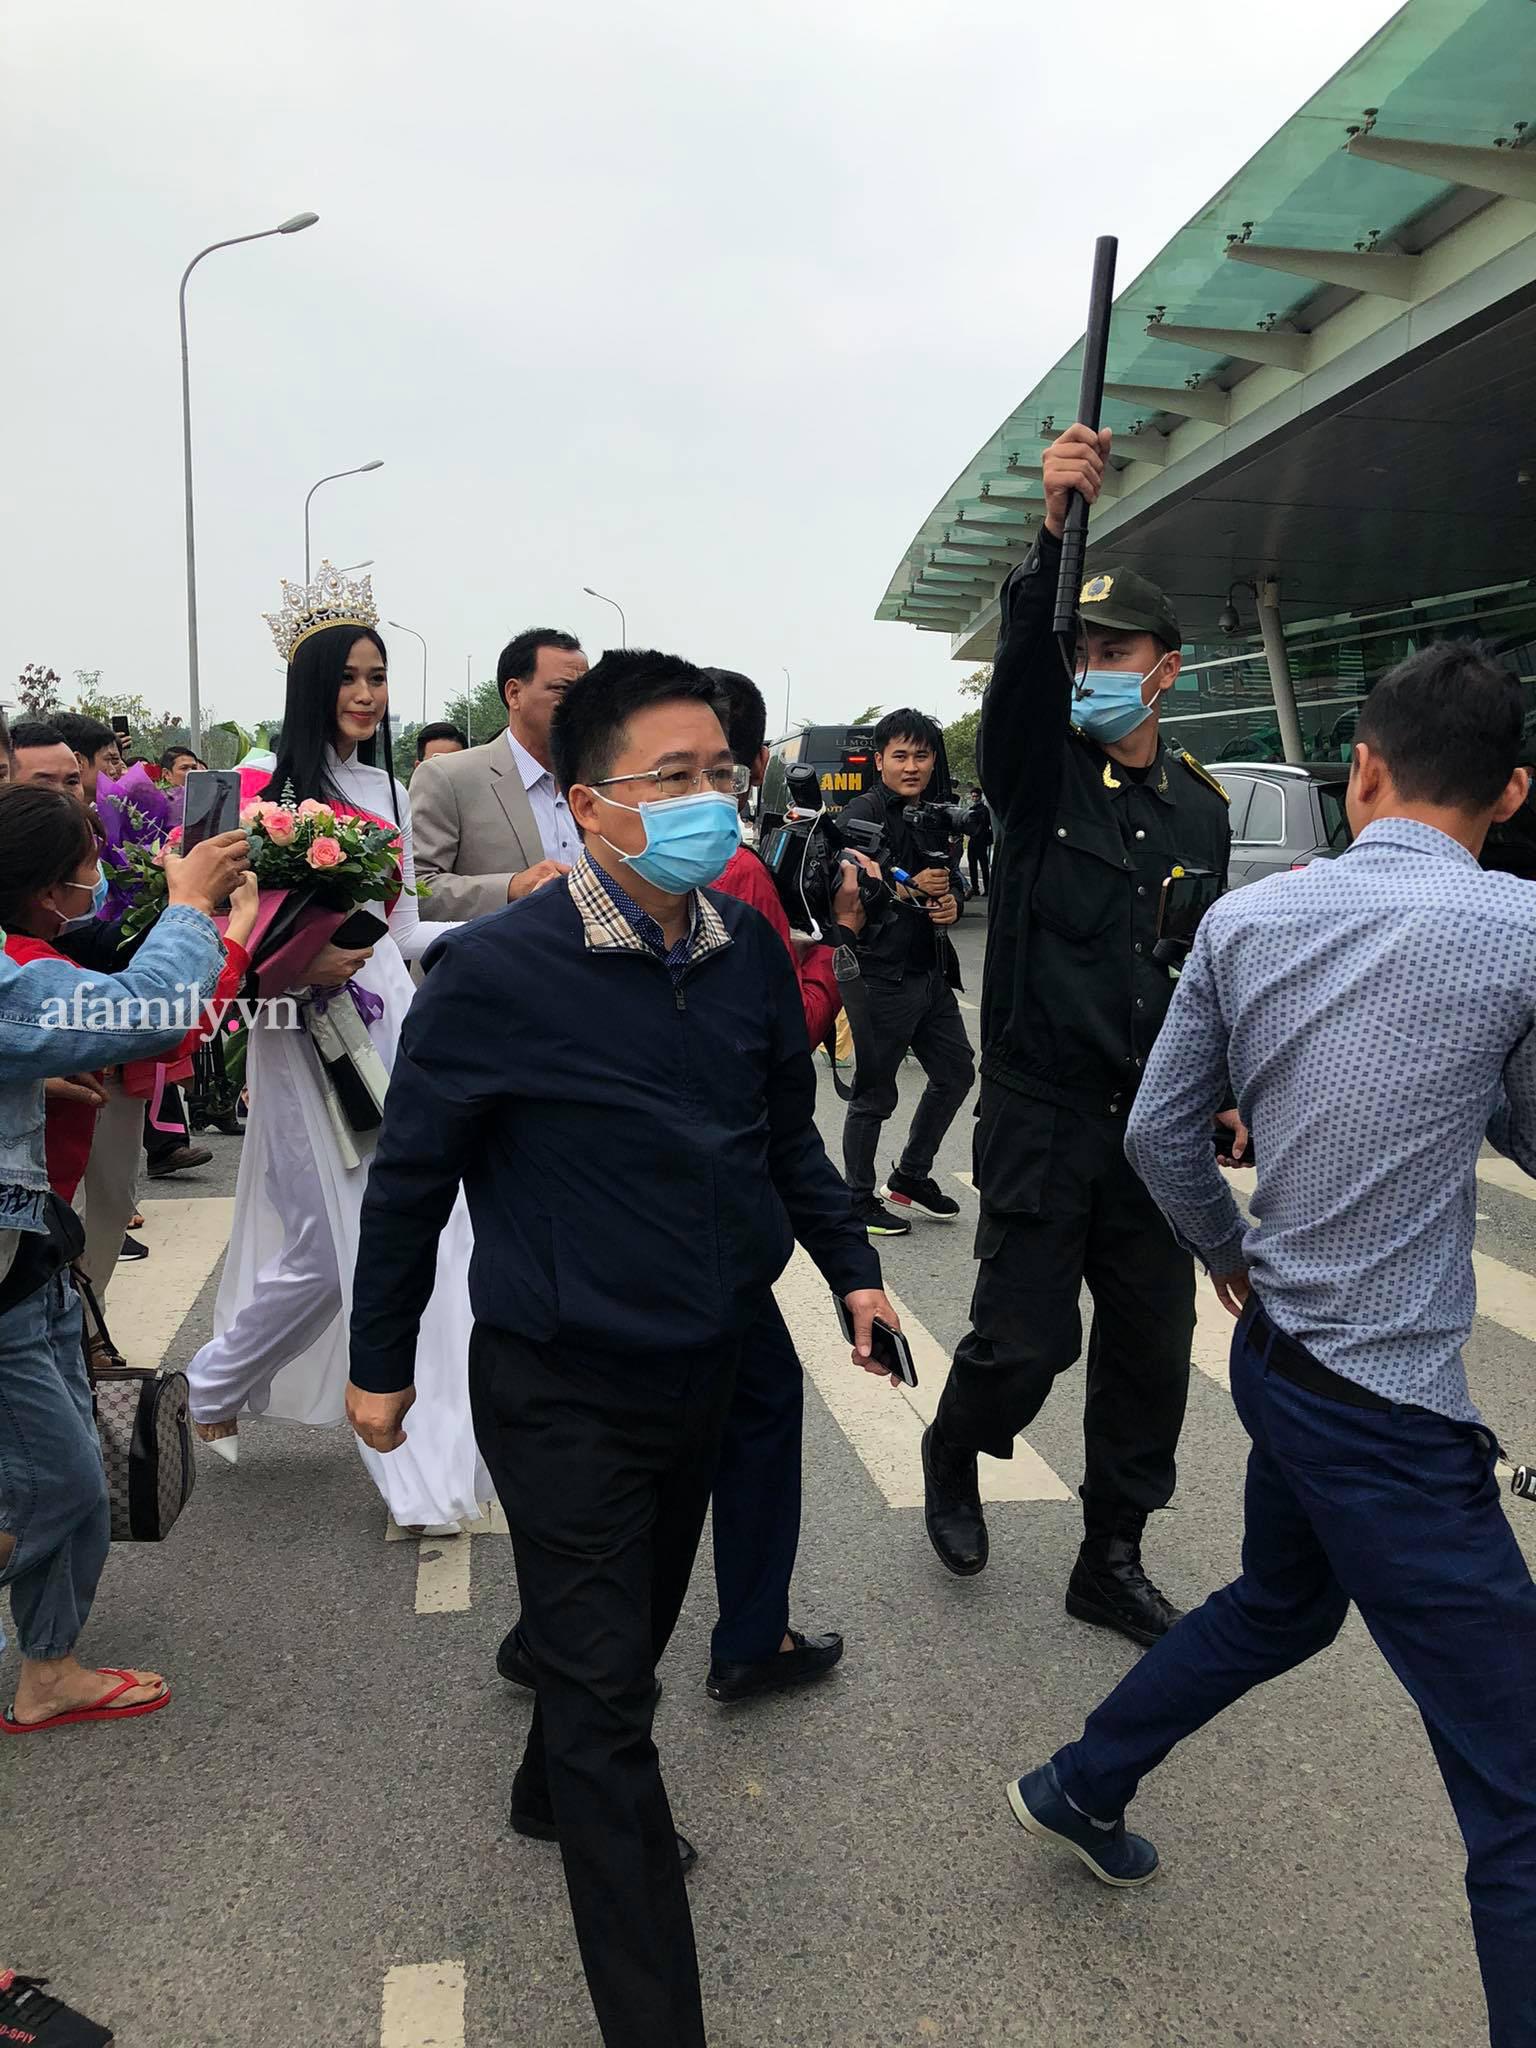 HOT: Tân Hoa hậu Việt Nam 2020 Đỗ Thị Hà xuất hiện tại sân bay Thanh Hóa trong vòng tay chào đón của gia đình và bạn bè - Ảnh 3.